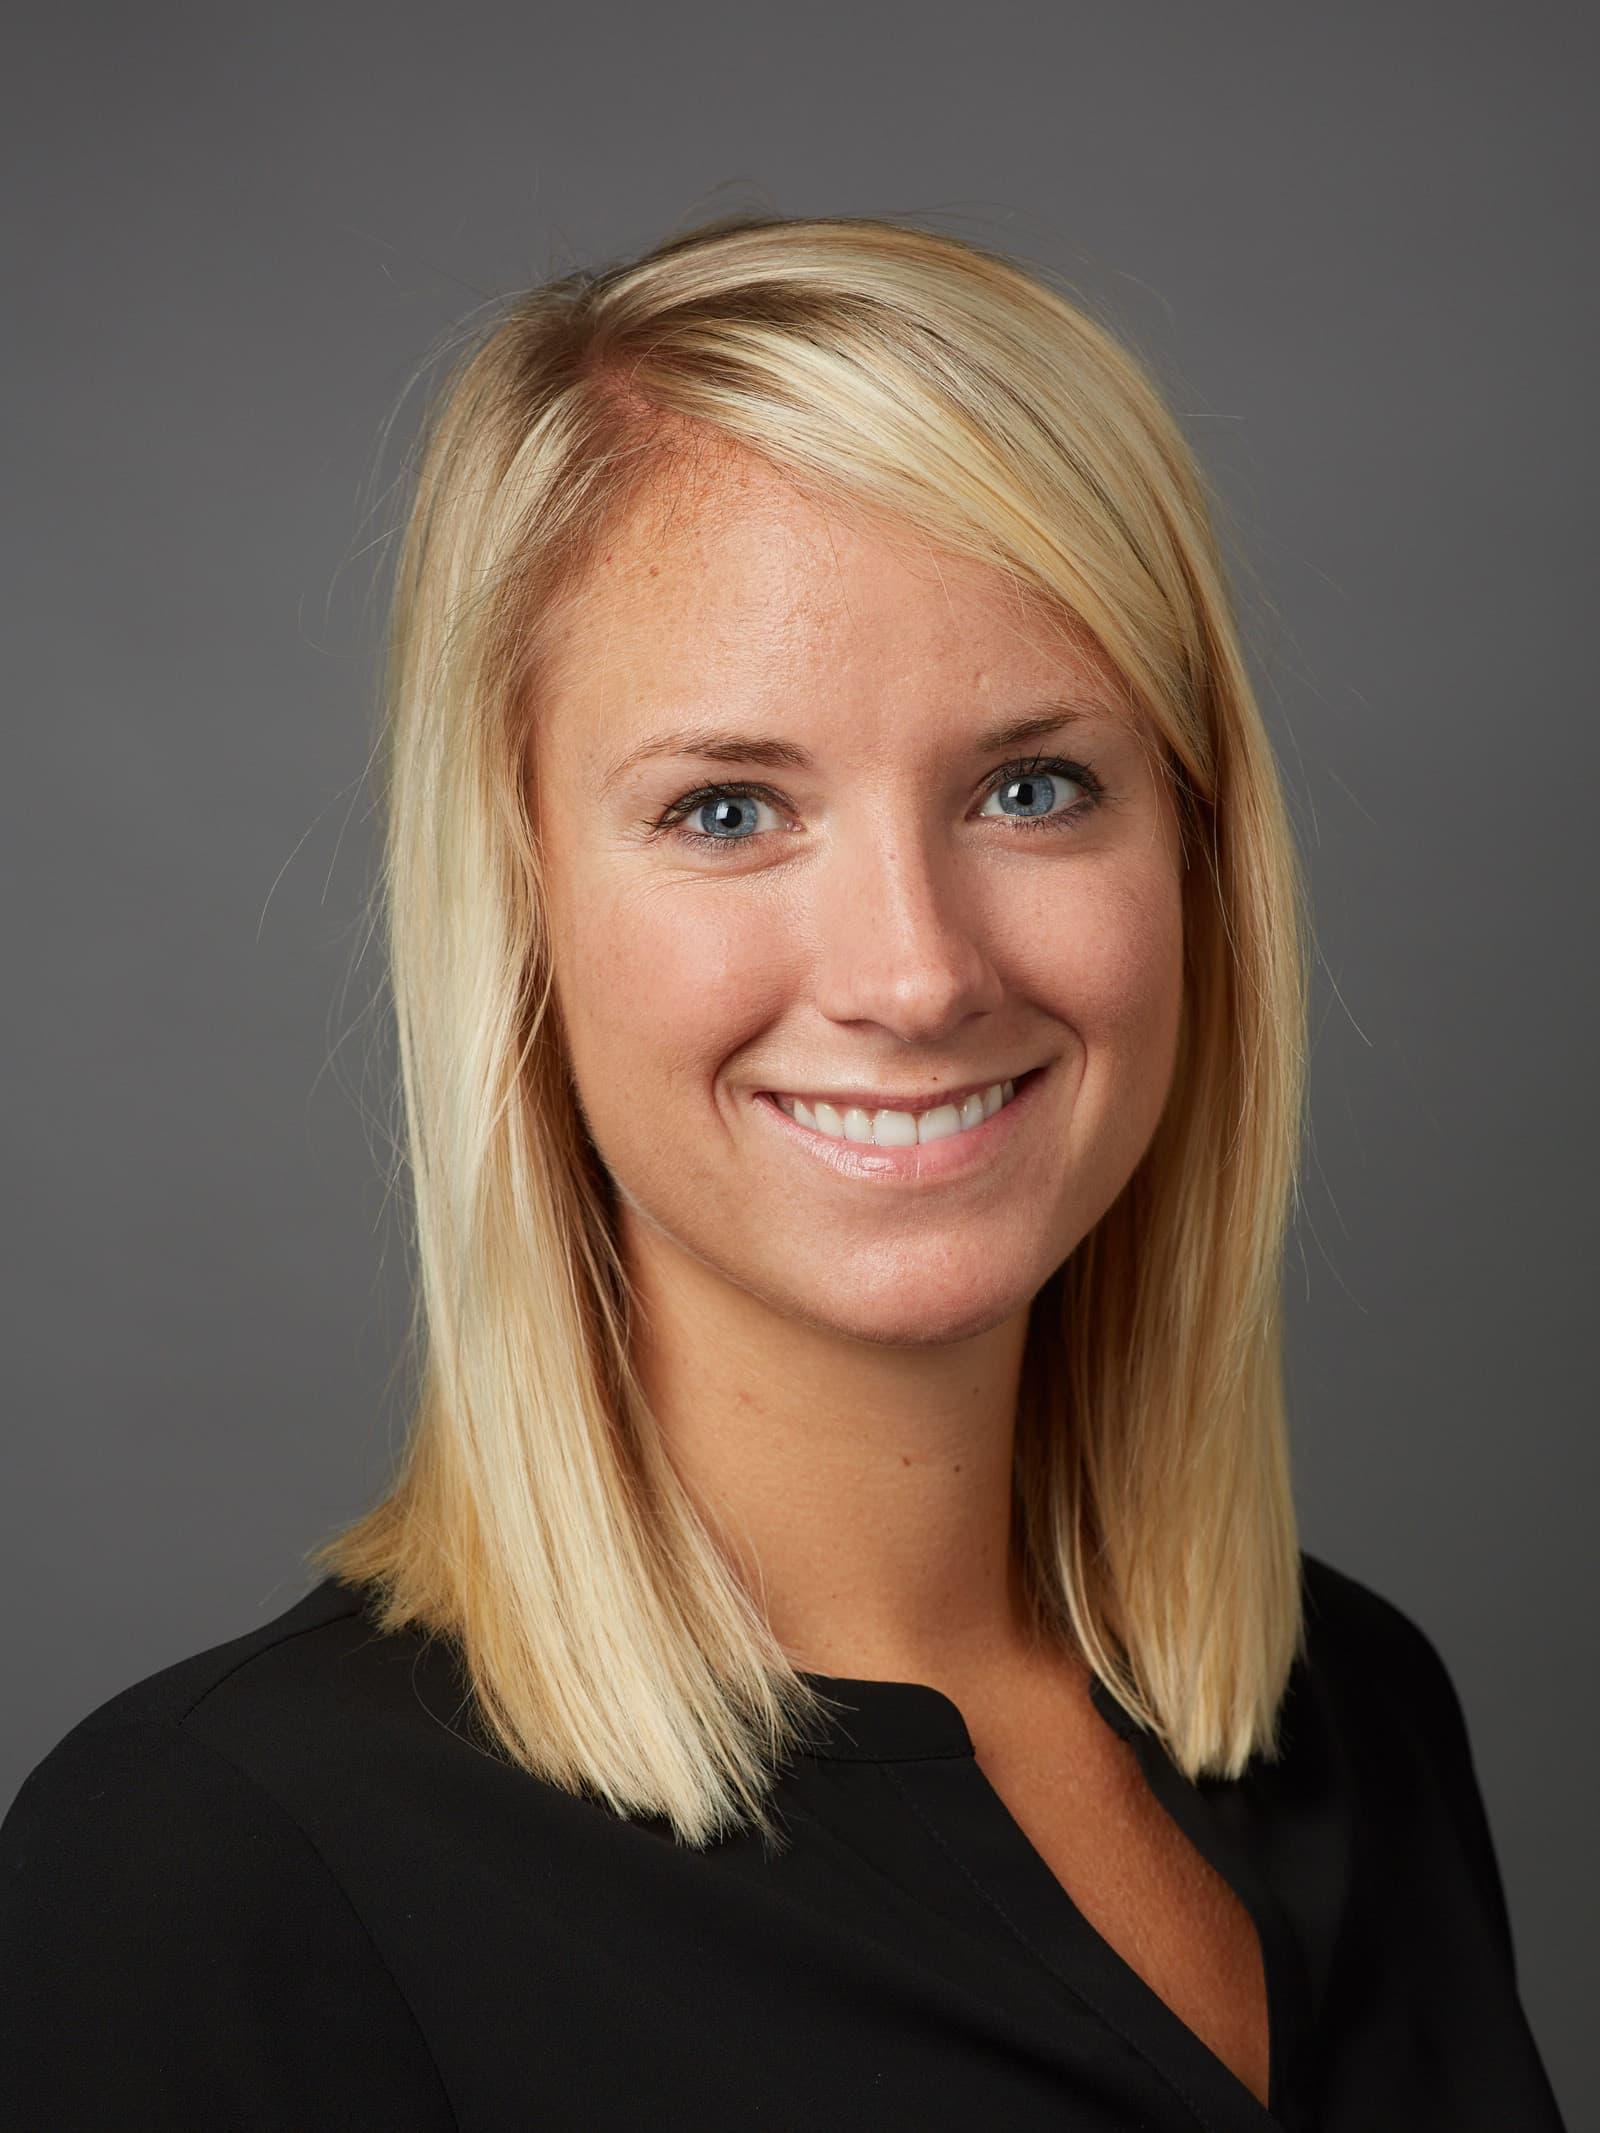 Heather Dahlquist